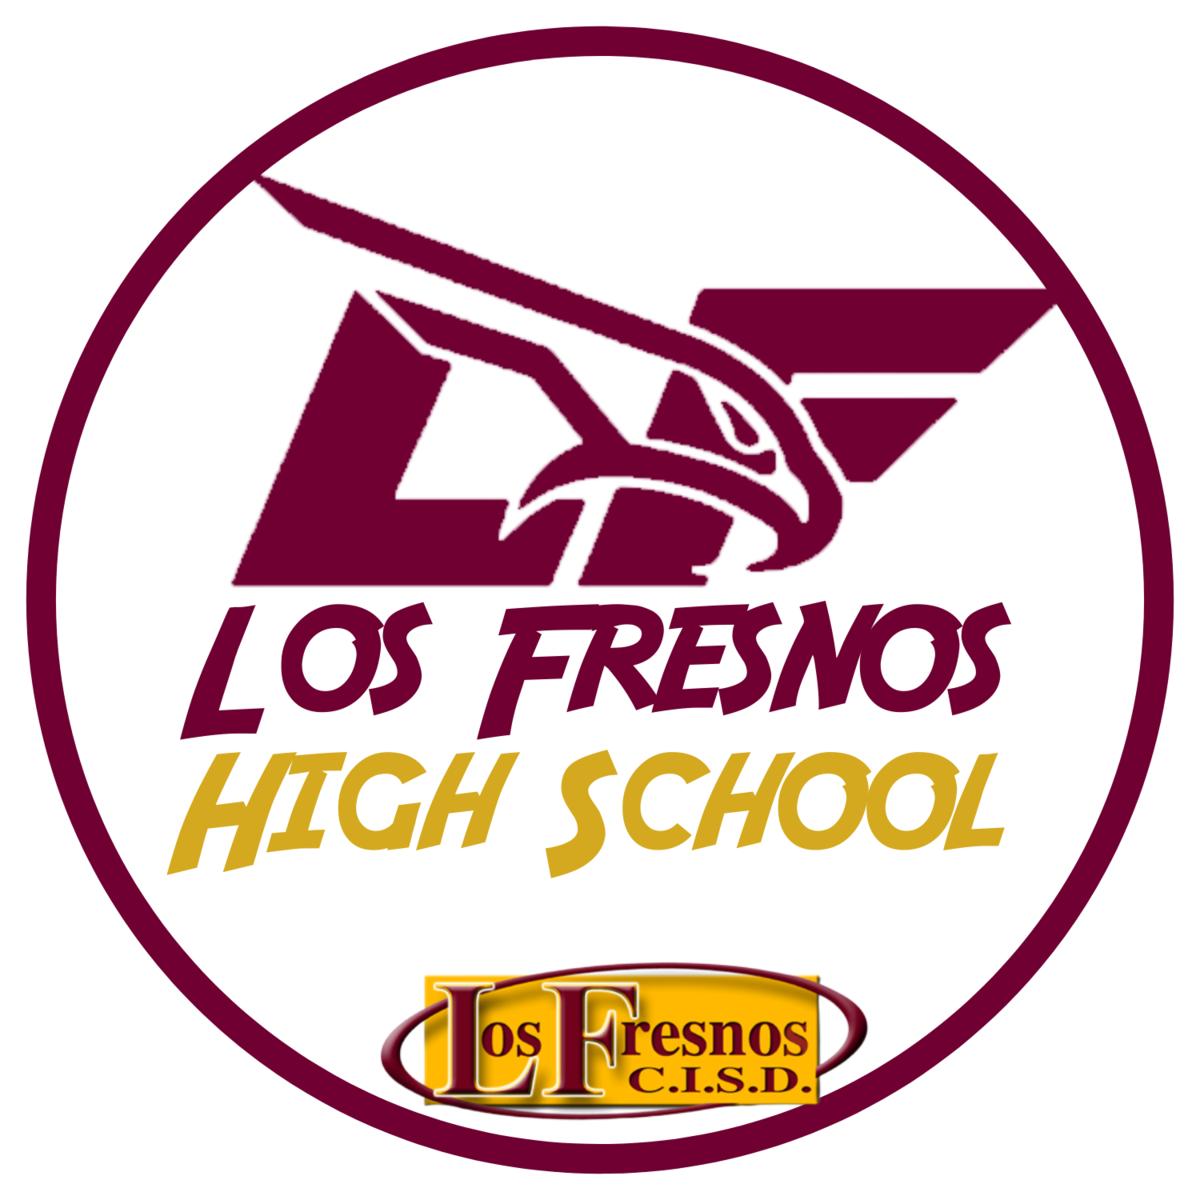 Los Fresnos High School logo